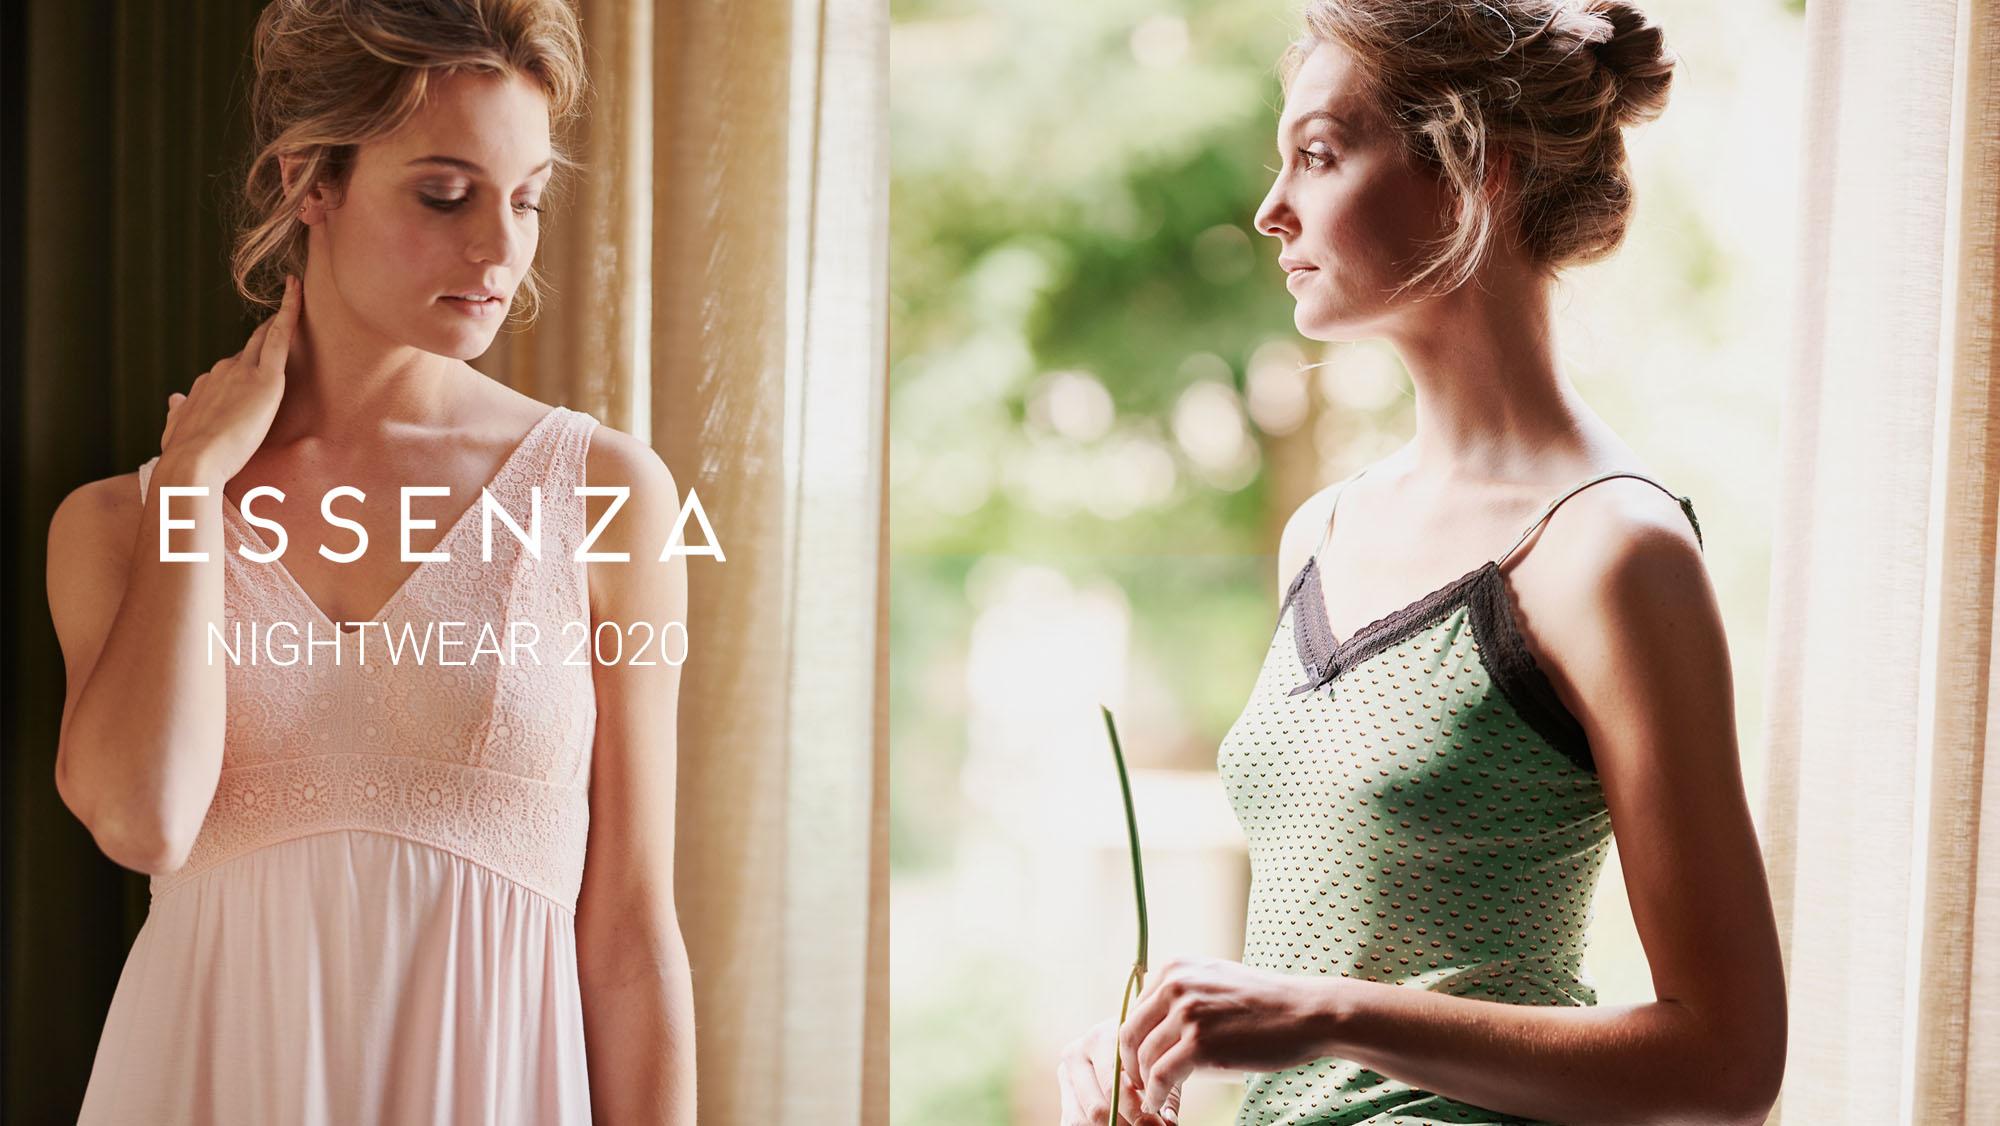 Essenza Nightwear 2020